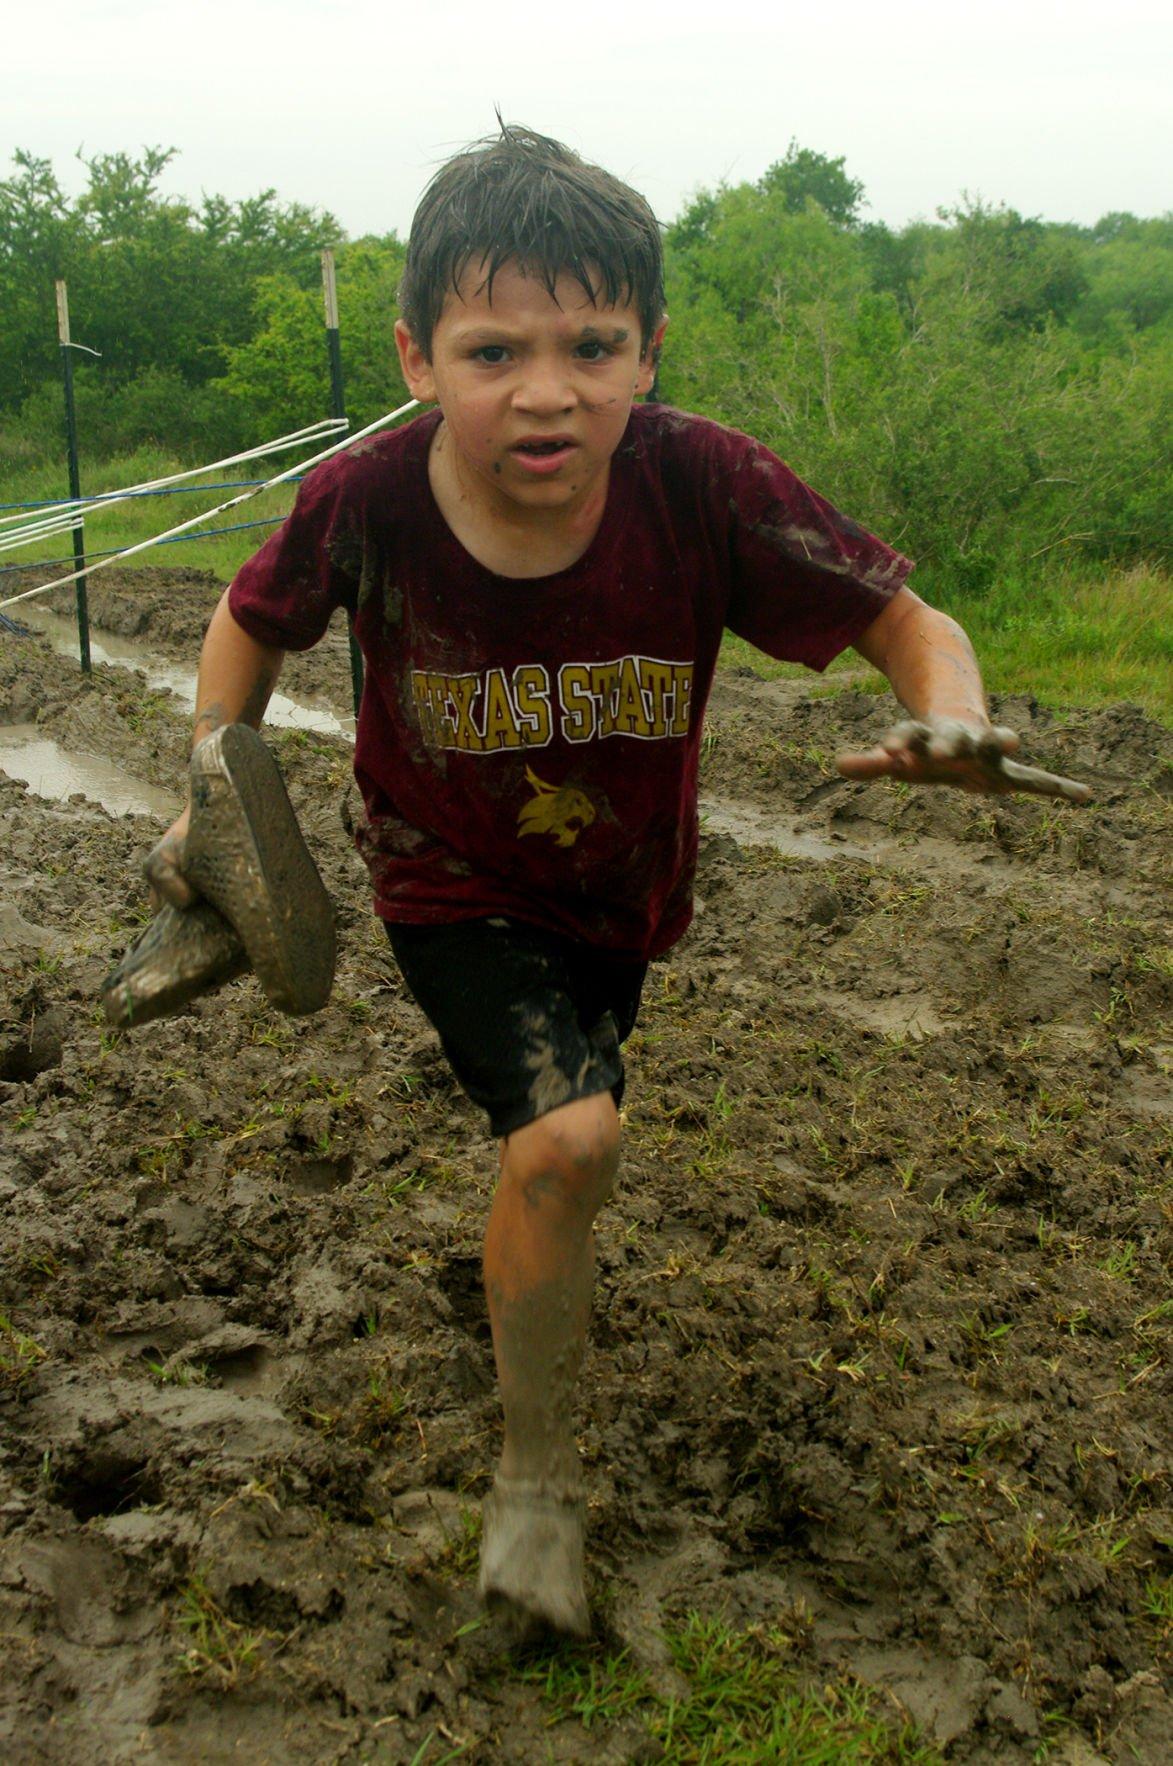 Second Annual Junior Mud Run